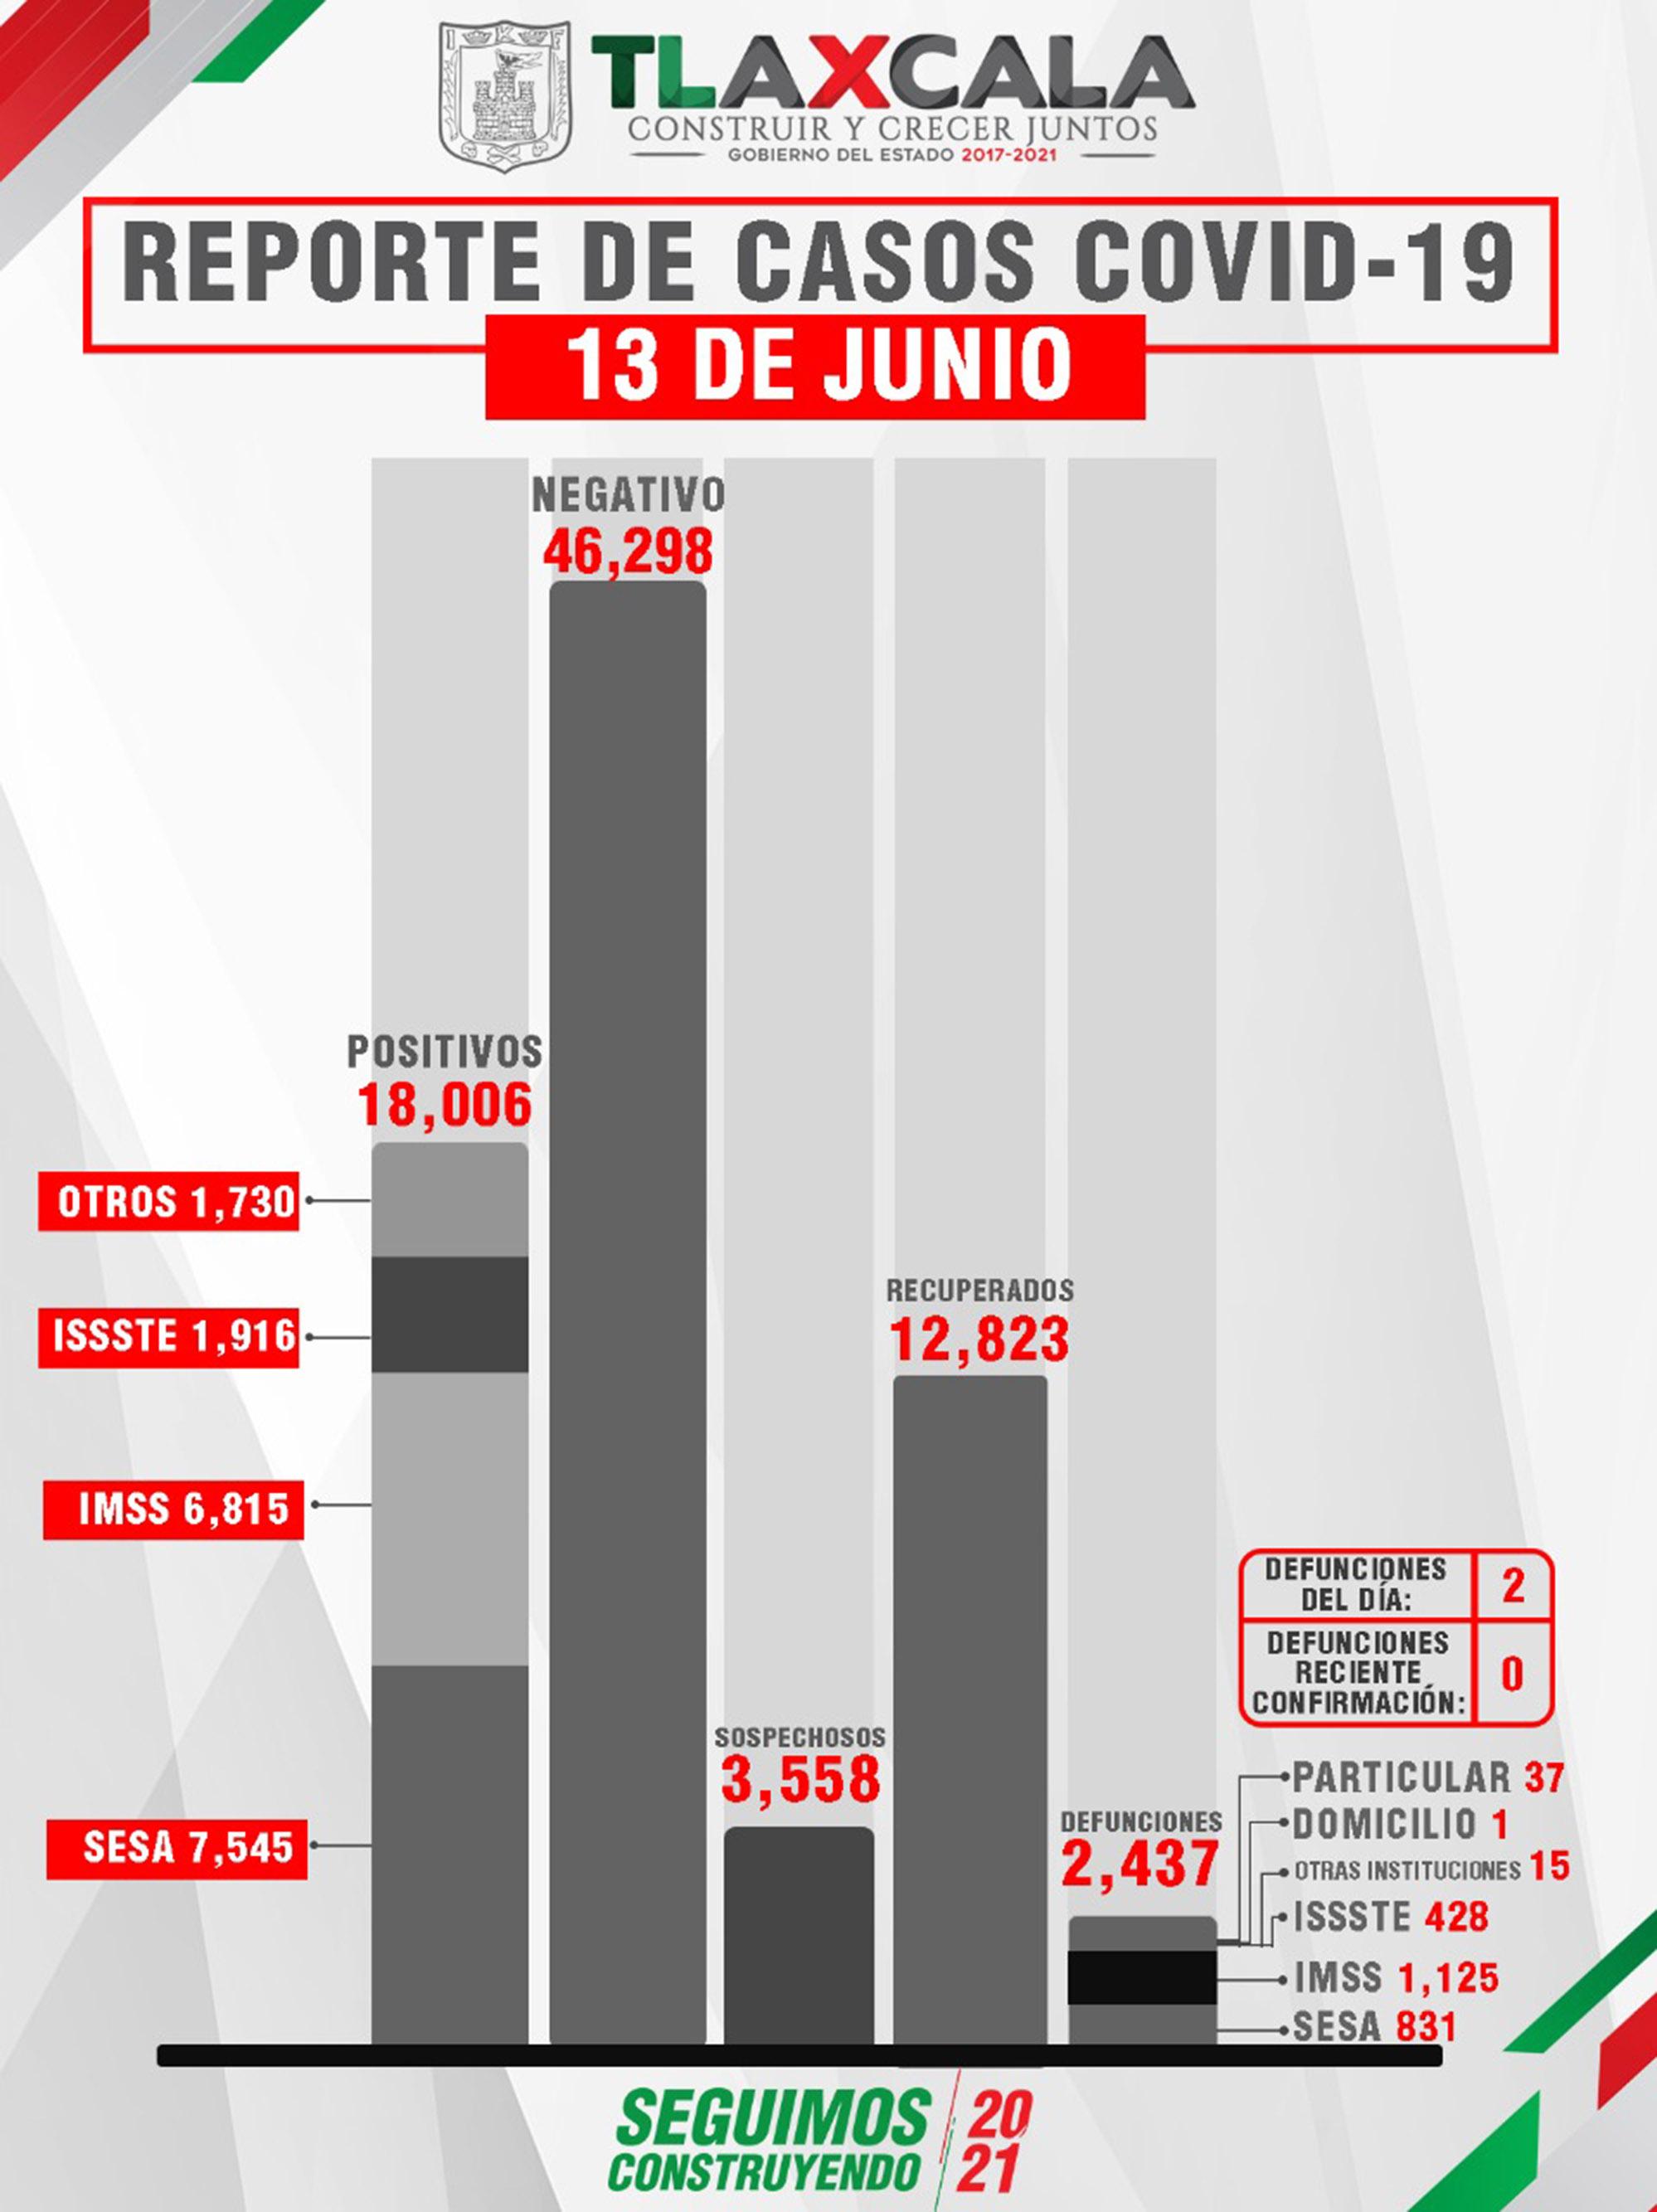 Confirma SESA  2 defunciones y 4 casos positivos en Tlaxcala de Covid-19